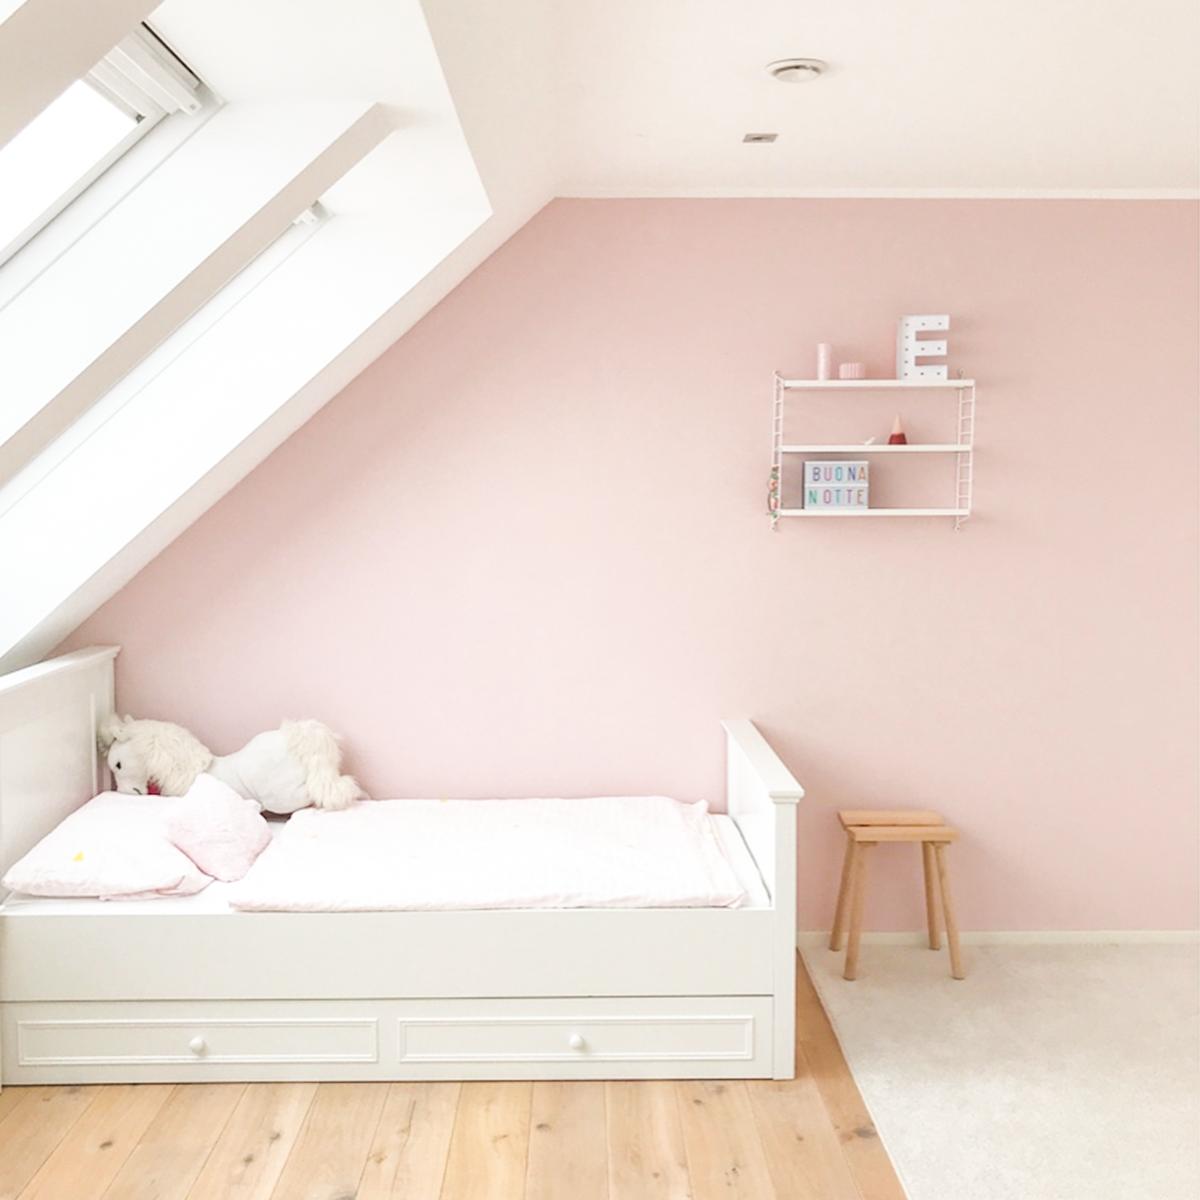 Schlafzimmer Lingotto Architects Finest Schoner Wohnen Farbe In 2020 Loft Design Interior Design Wall Decor Interior Wall Design